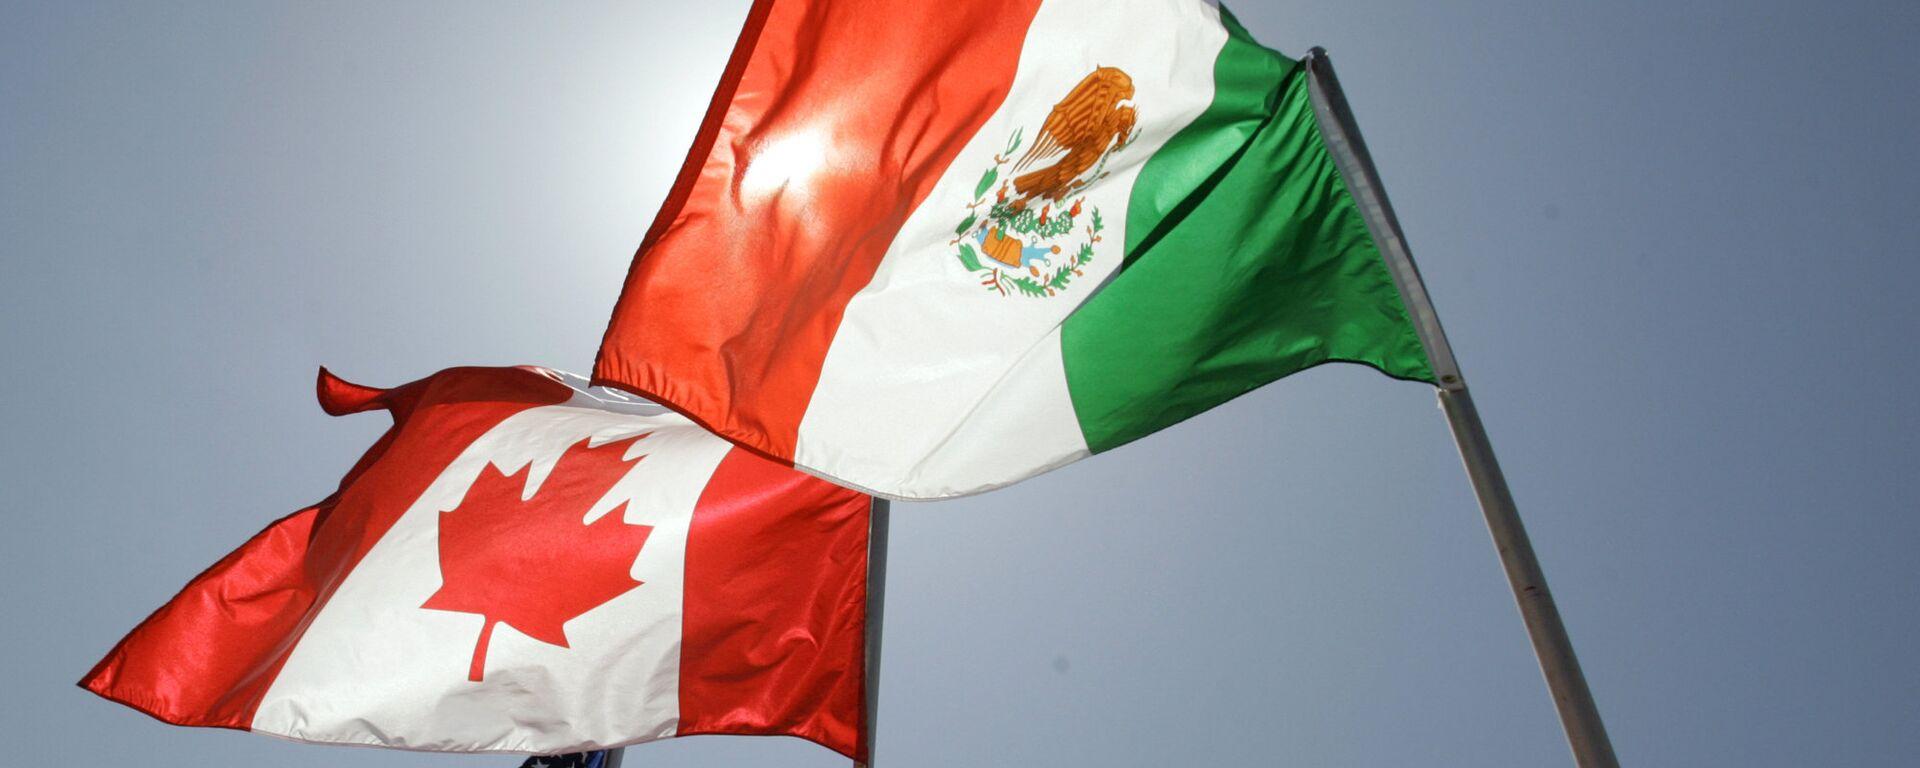 Las banderas de EEUU, Canadá y México - Sputnik Mundo, 1920, 12.10.2021